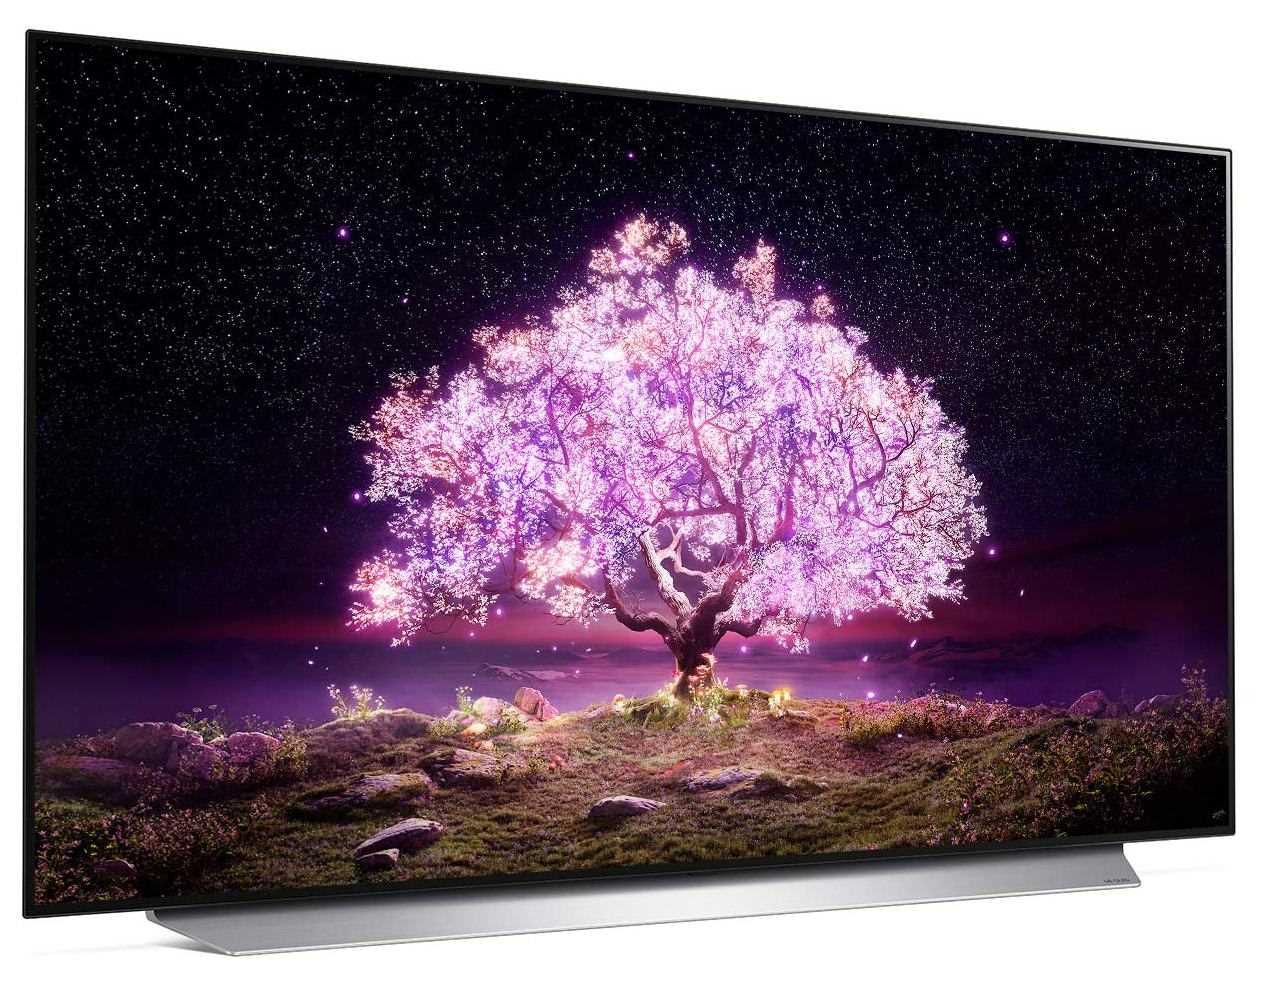 טלוויזיה 48 אינץ' דגם OLED 48C1PVB  בטכנולוגיית LG OLED 4K Ultra HD אל ג'י - תמונה 6